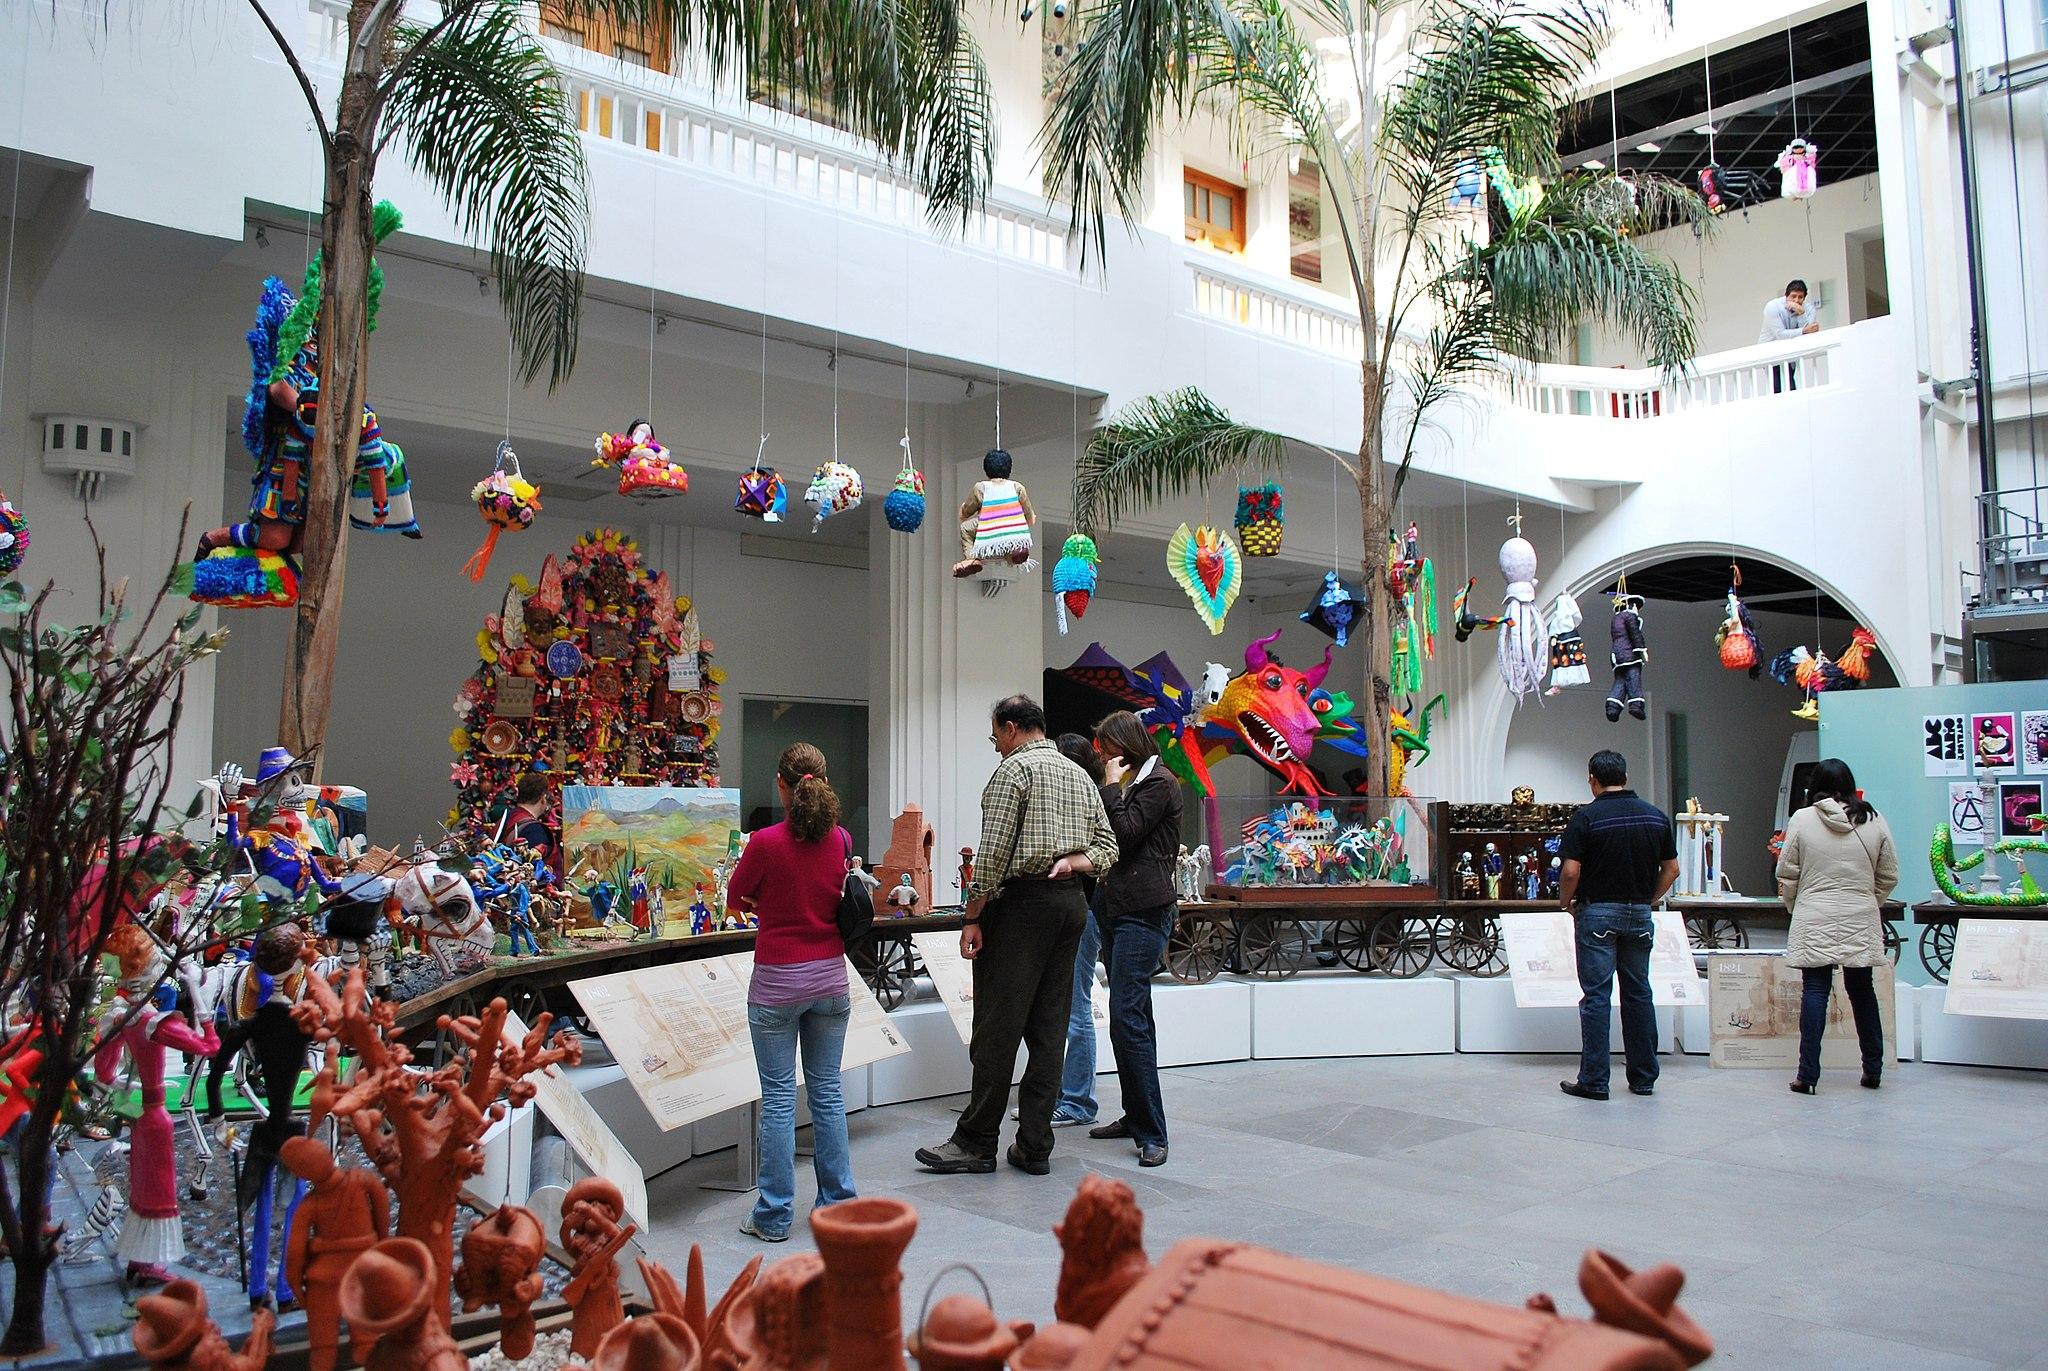 Guests at Museo de Arte Popular admire a Dia de los Muertos train display.